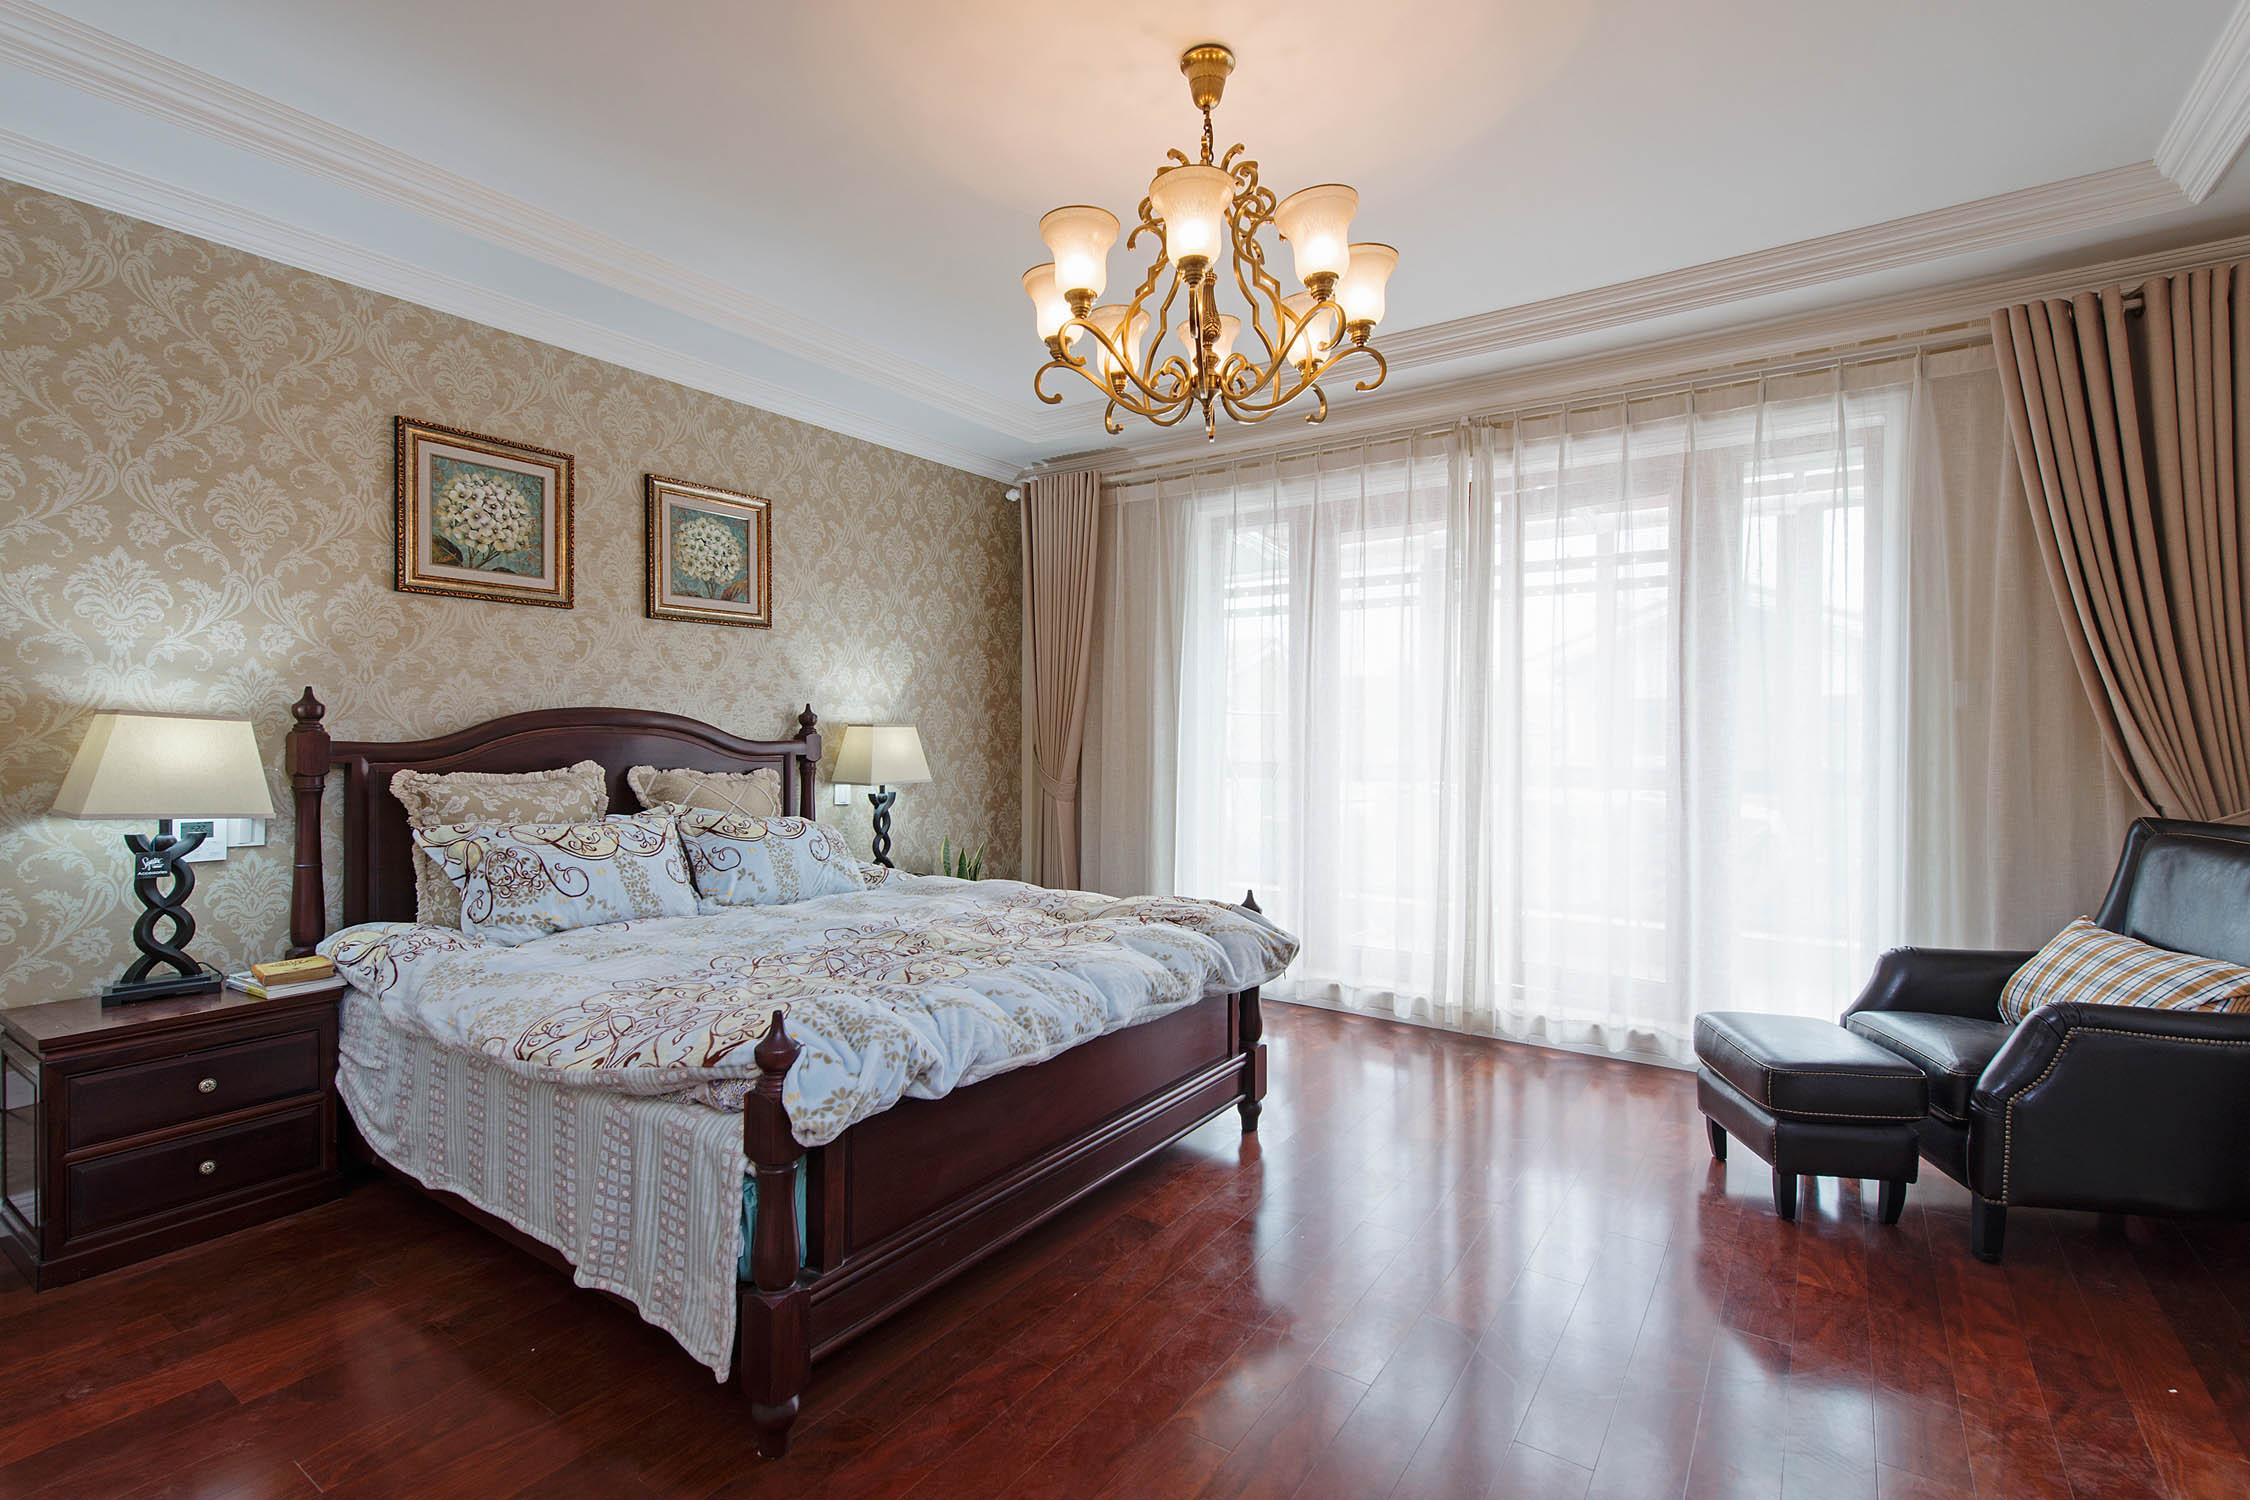 102平米的房子怎么装修合适,朋友全包花了22万,大家都